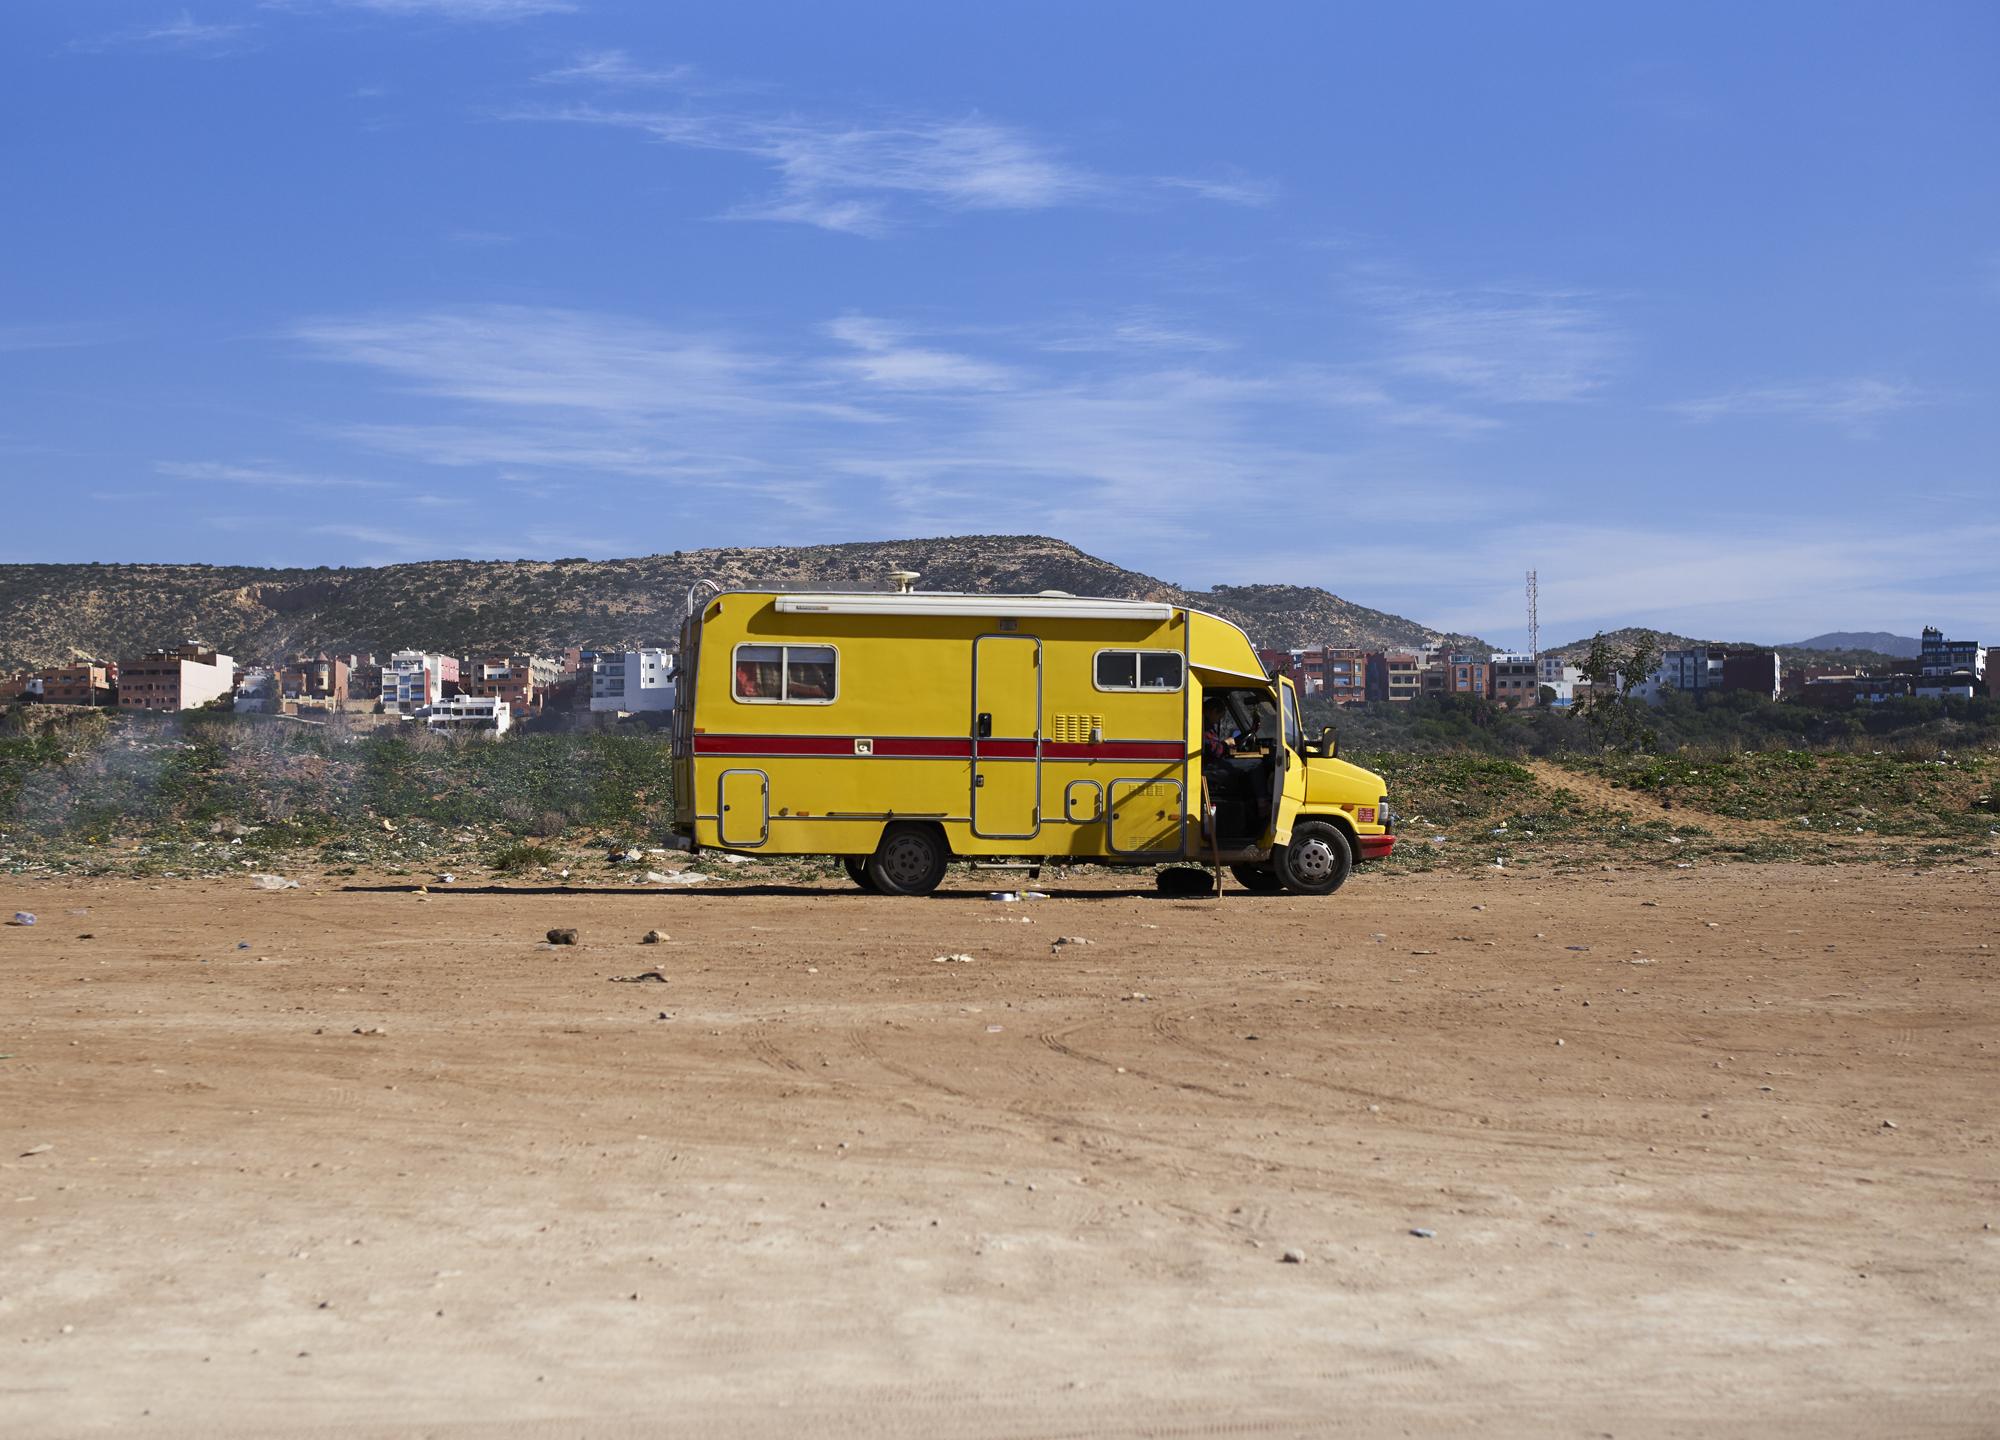 Grant Smith - Yellow van - morocco